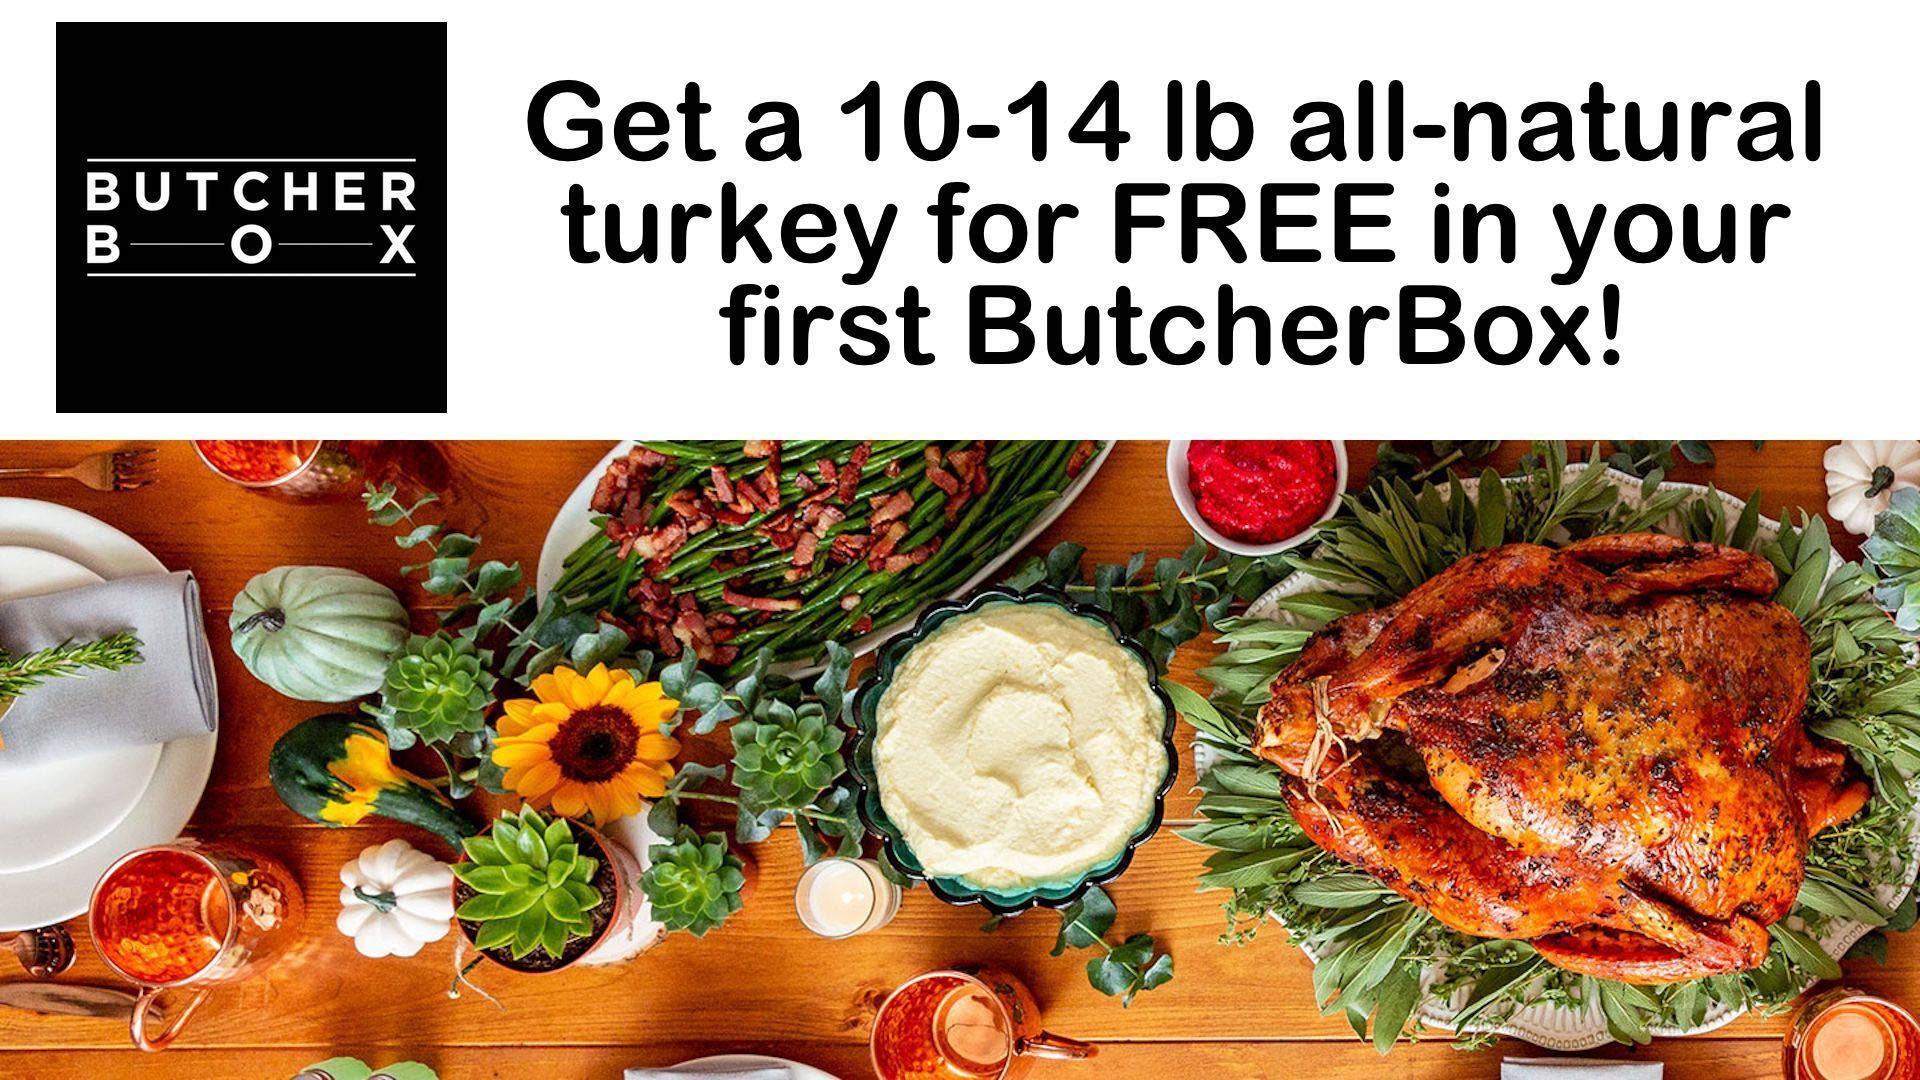 Butcherbox Turkey campaign